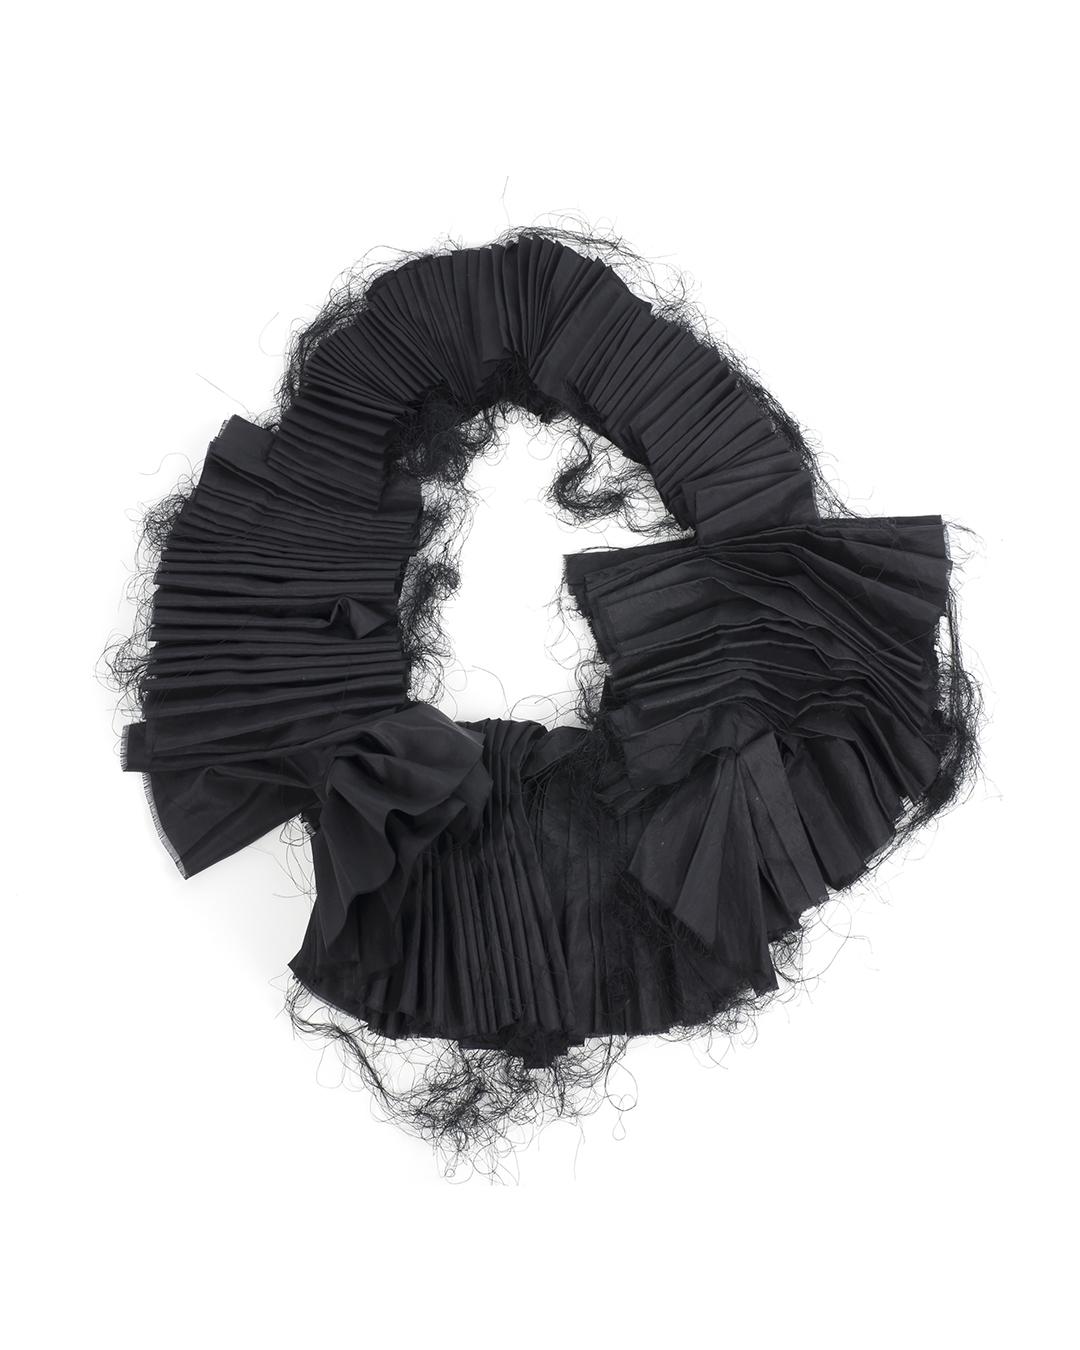 Anna Rusínová, Borrowed Feathers, 2019, necklace; natural silk, thread, 400 x 300 x 130 mm